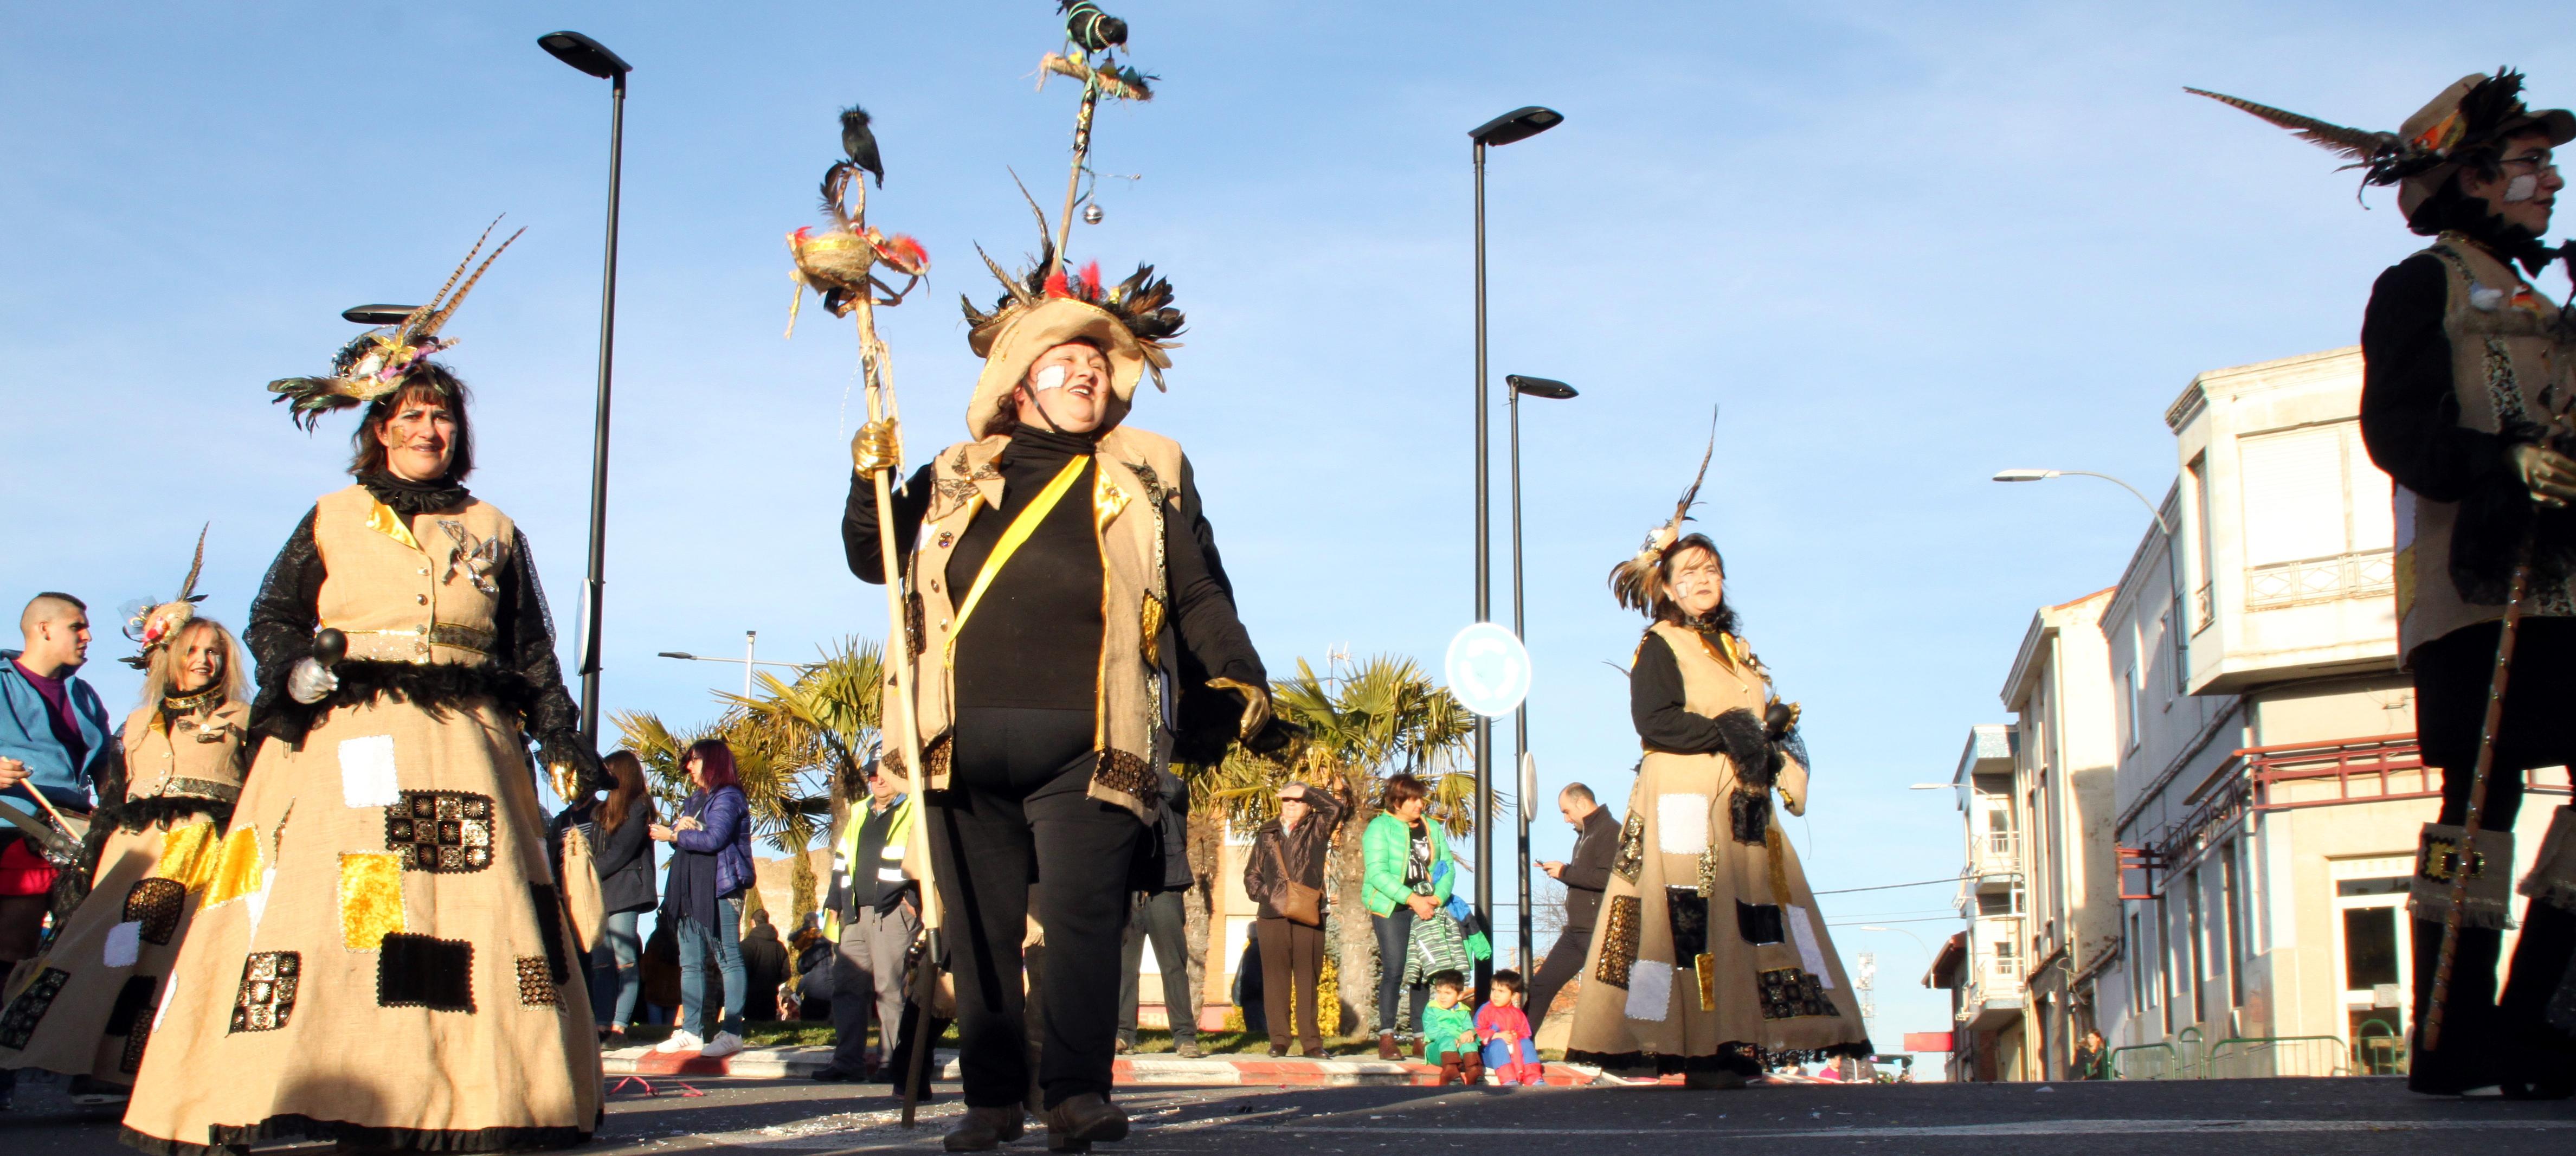 Carnaval IV